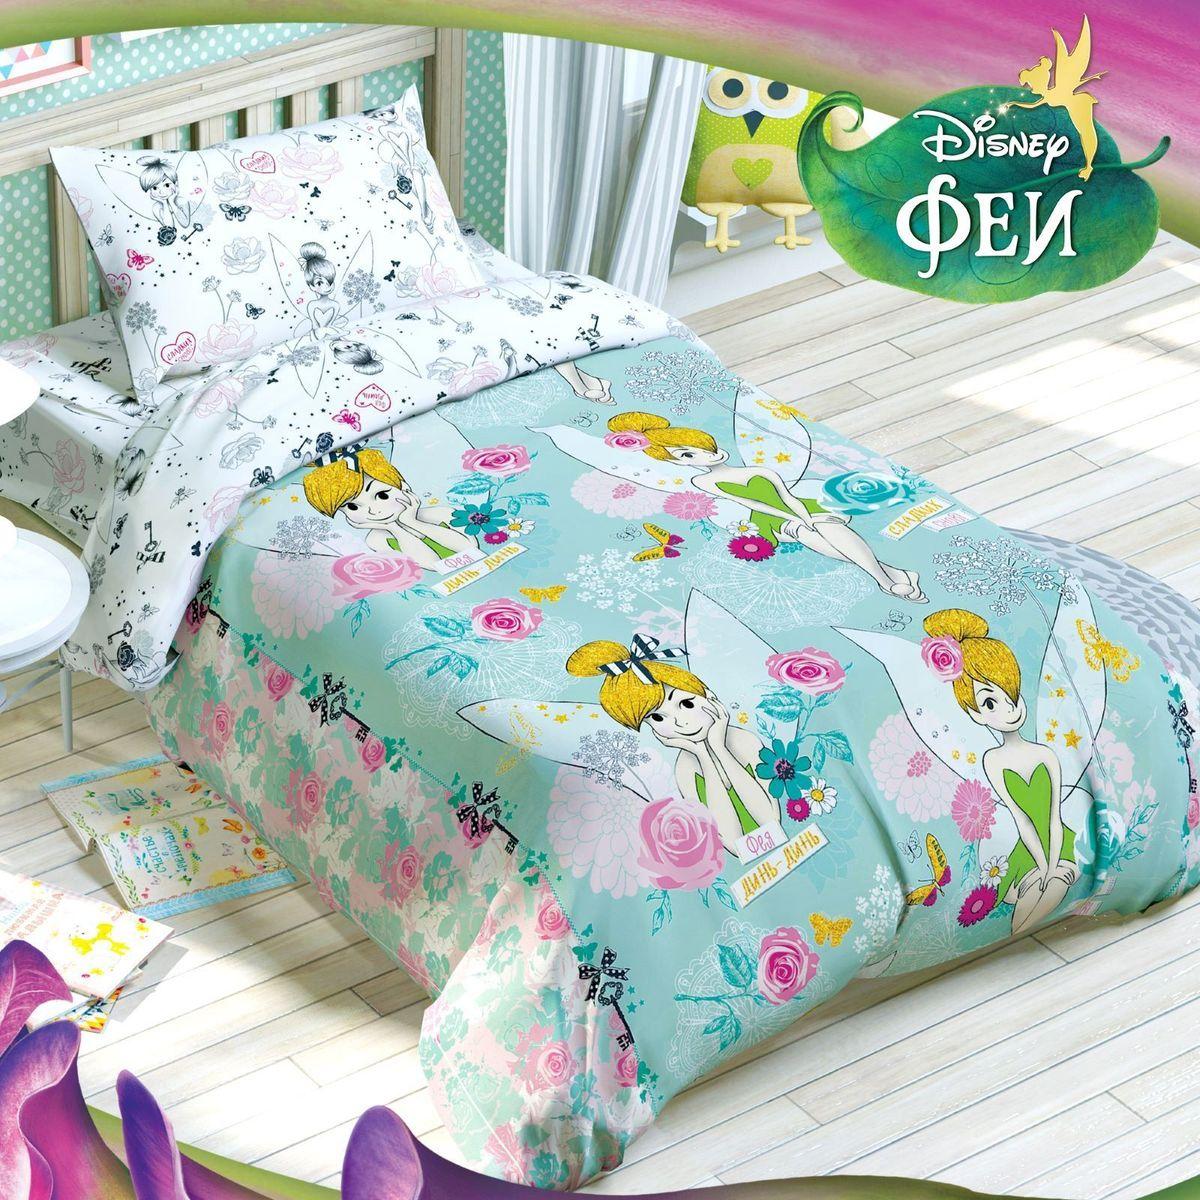 Disney Комплект детского постельного белья Феи Динь-Динь 3 предмета комплект детского постельного белья акварель цвет розовый 3 предмета